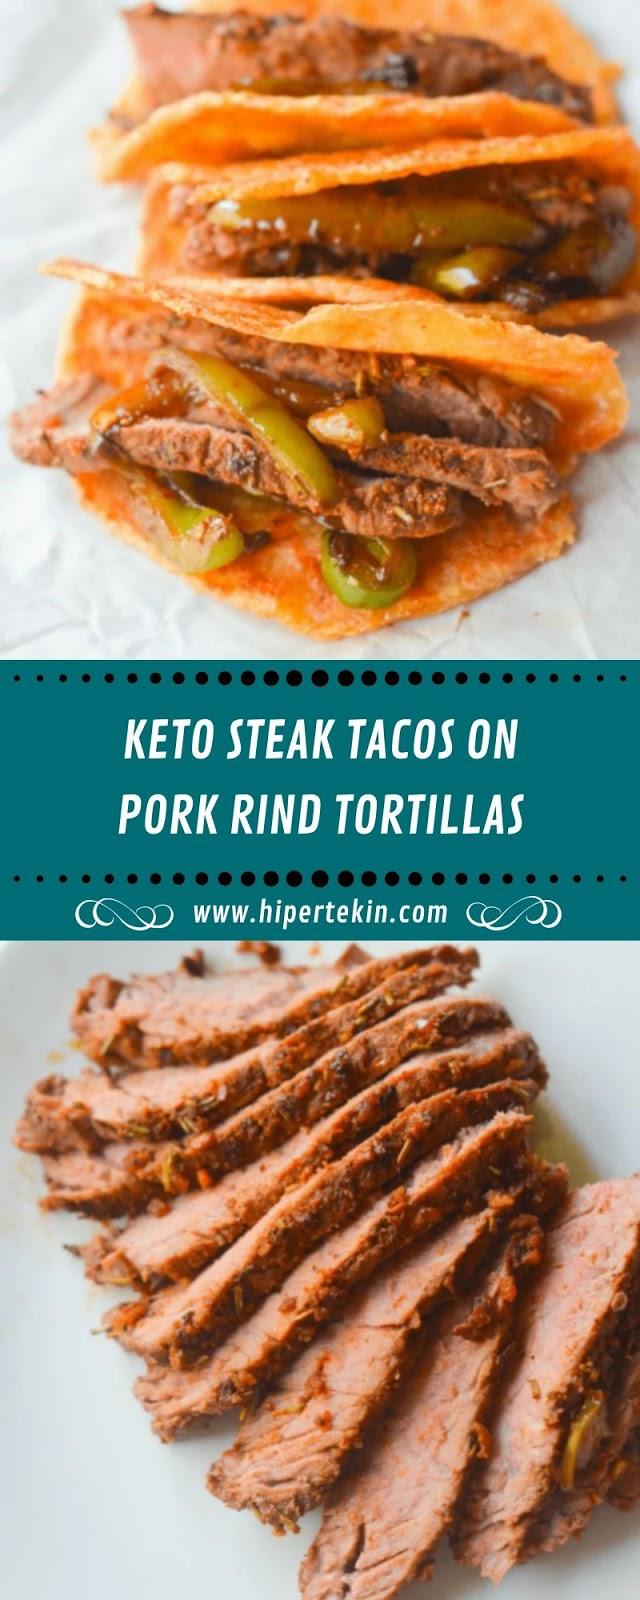 KETO STEAK TACOS ON PORK RIND TORTILLAS